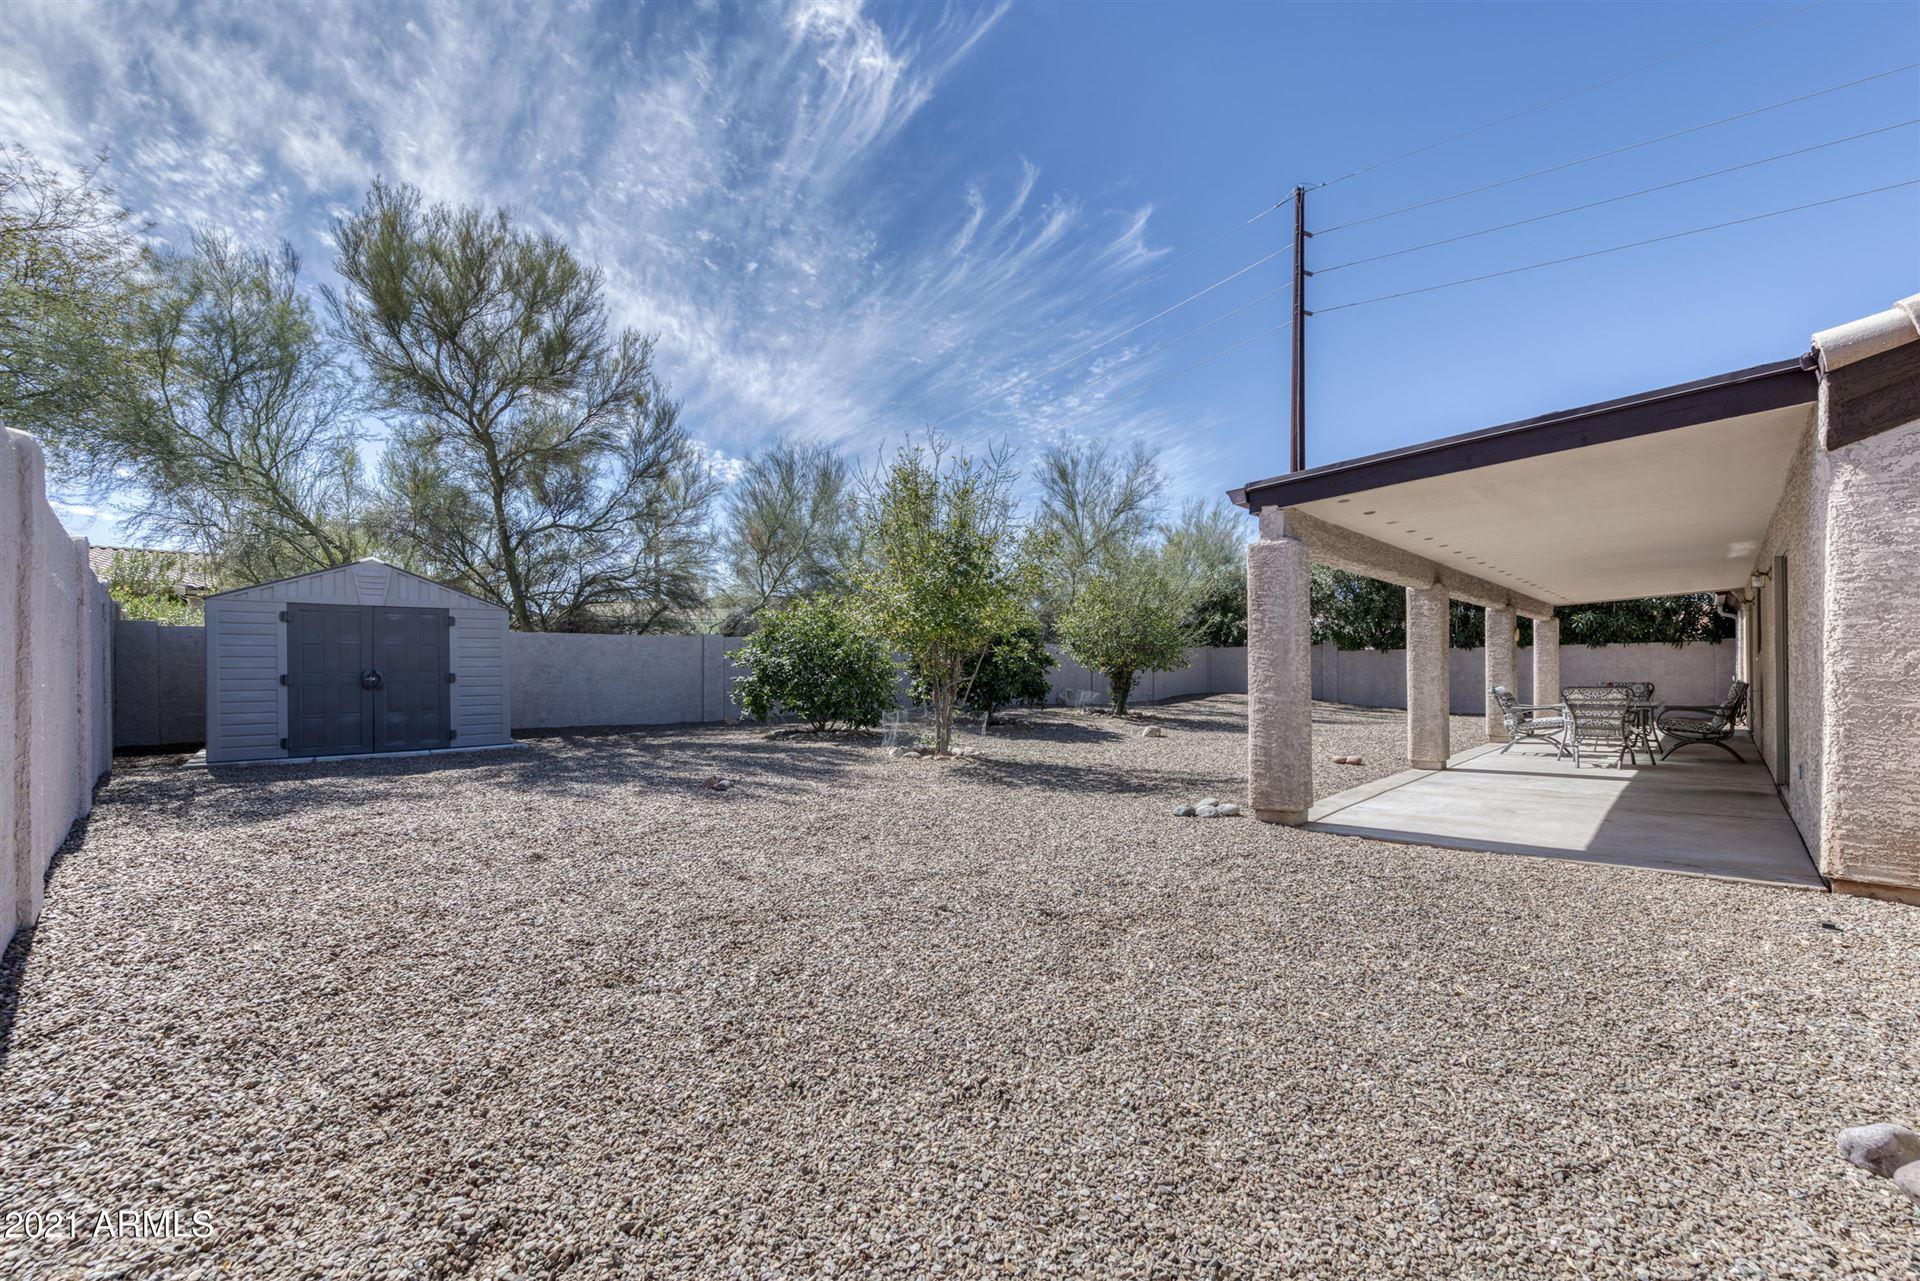 Photo of 17505 E CHOCTAW Circle, Fountain Hills, AZ 85268 (MLS # 6200308)